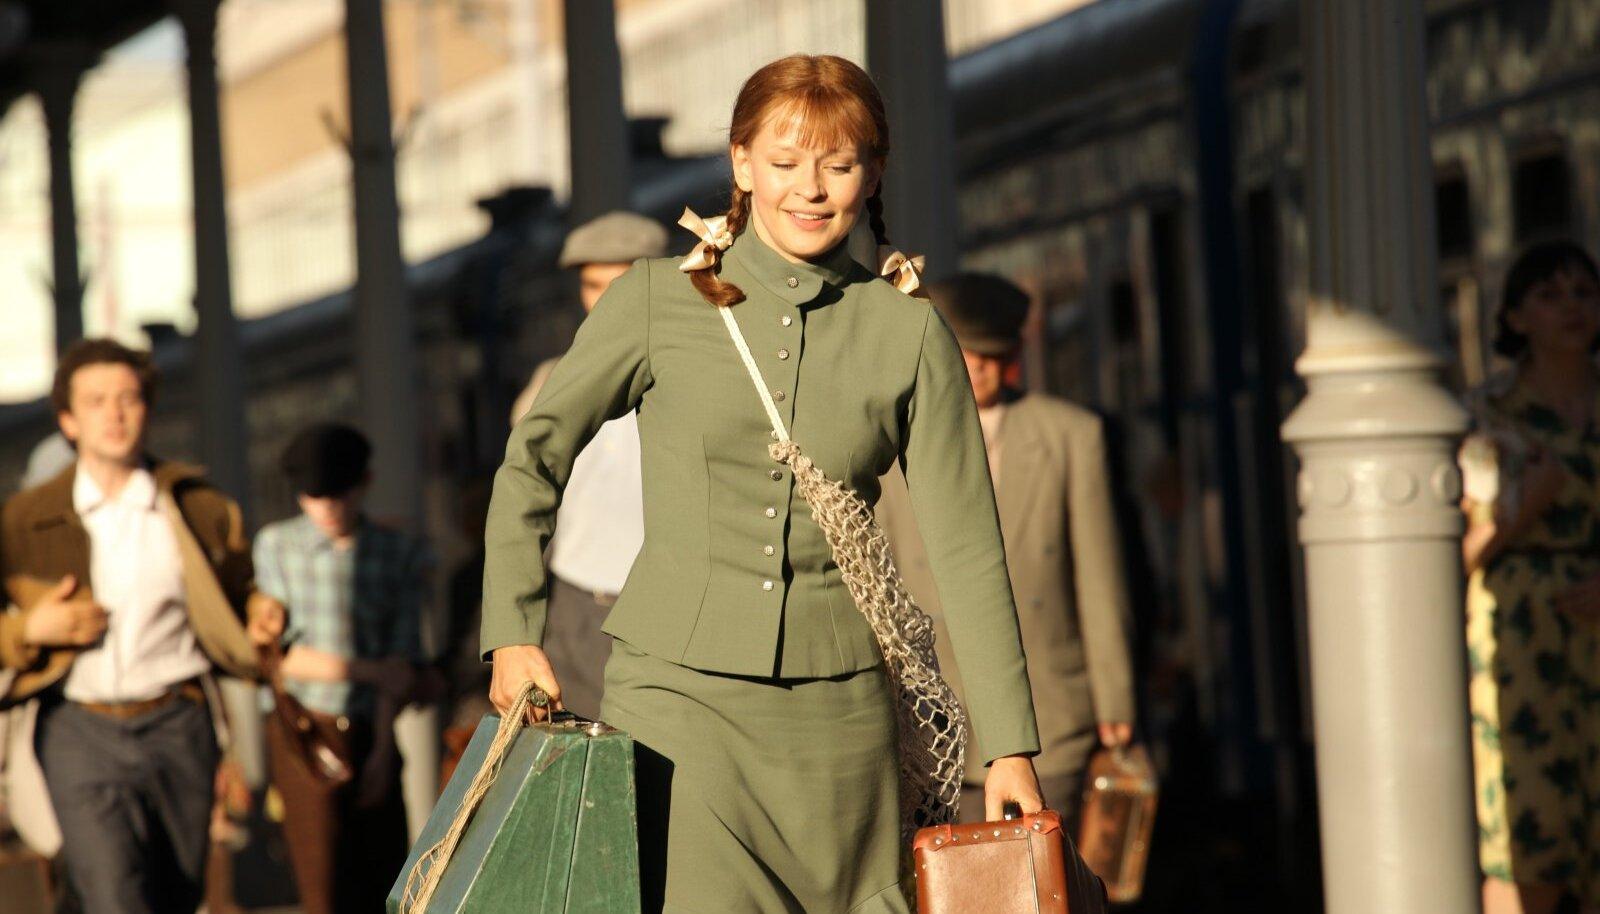 Filmivõteteks õmmeldi peaosalisele sadakond kostüümi originaalide järgi, mis kunagi kuulunud Ljudmila Gurtšenko garderoobi.